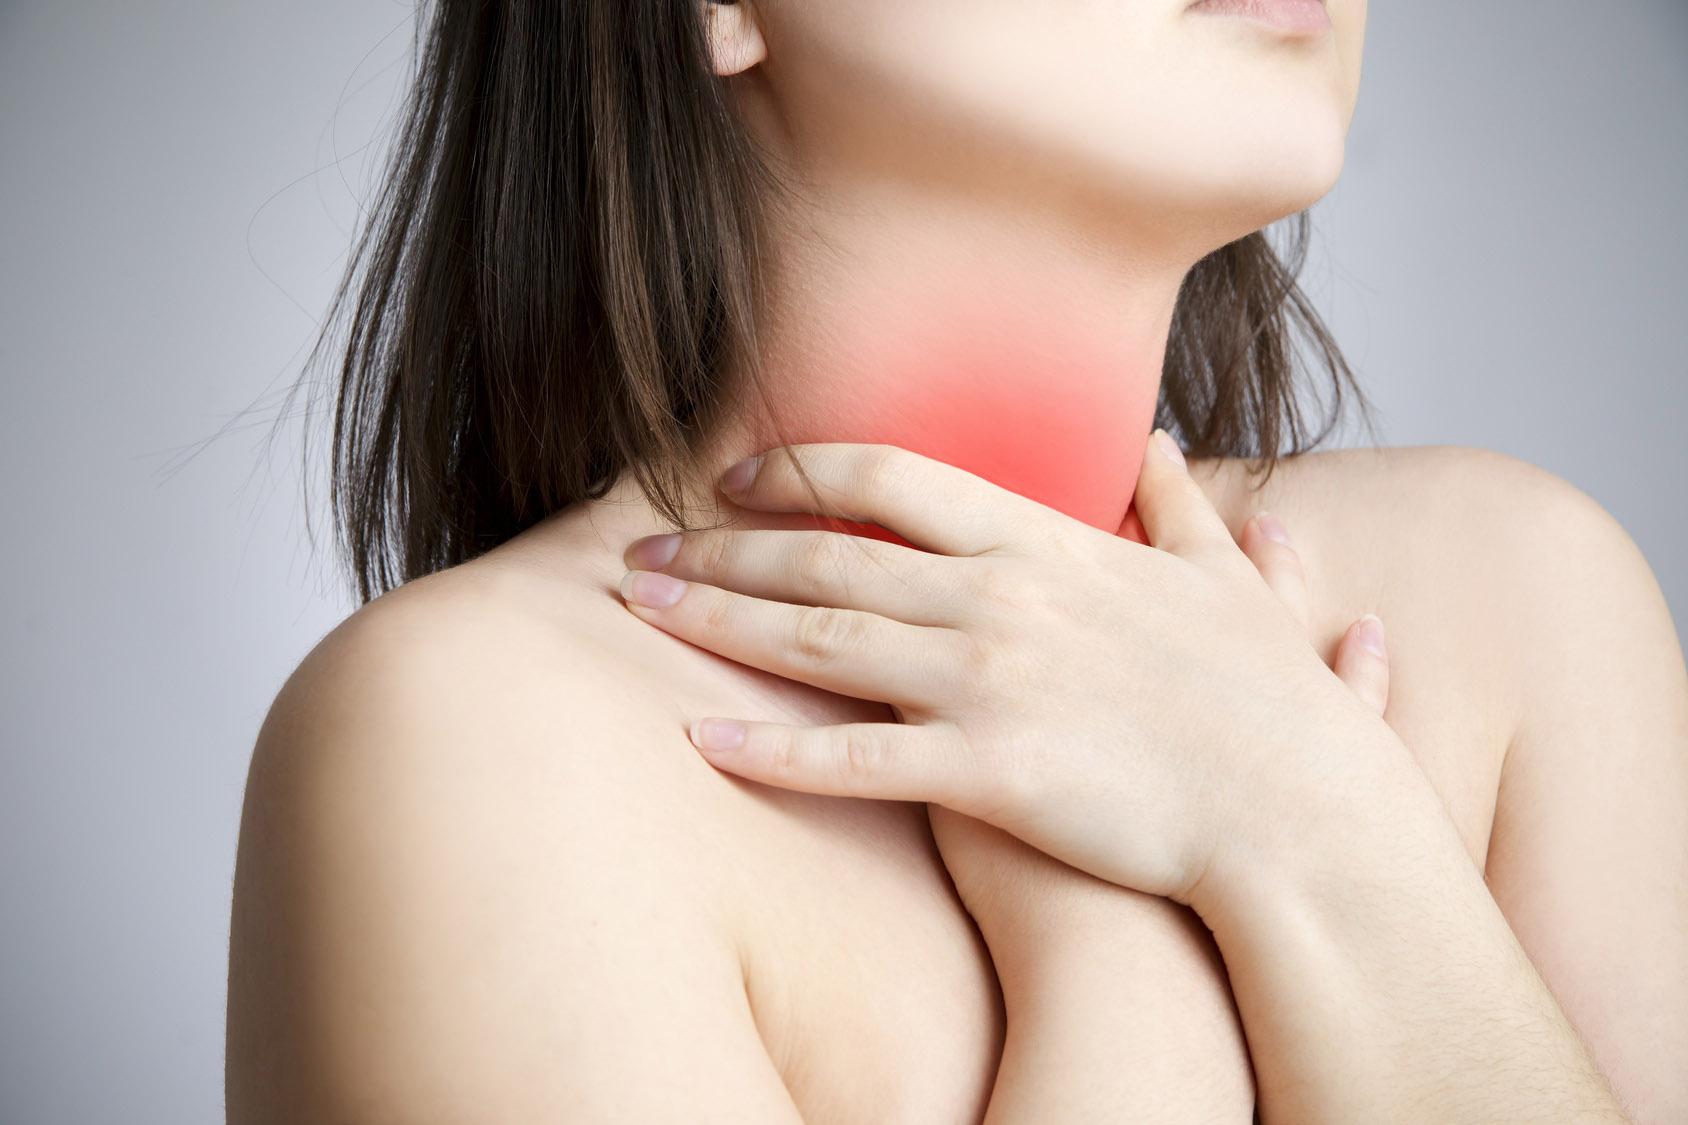 Tại sao lại bị khô miệng đau họng và cách điều trị